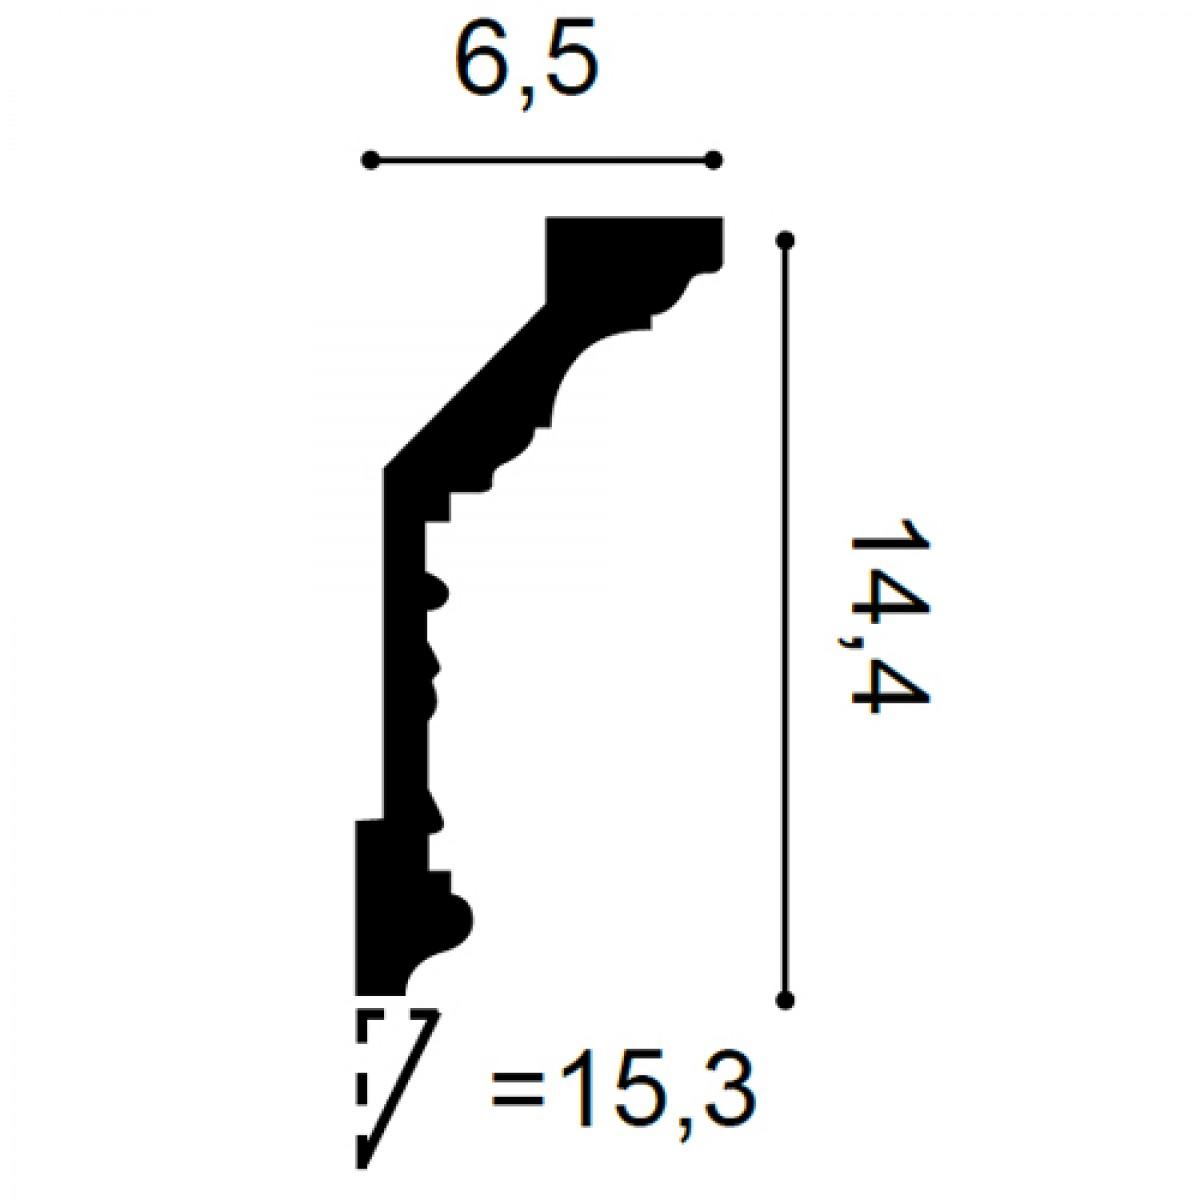 Cornisa Luxxus C303, Dimensiuni: 200 X 14.4 X 6.5 cm, Orac Decor